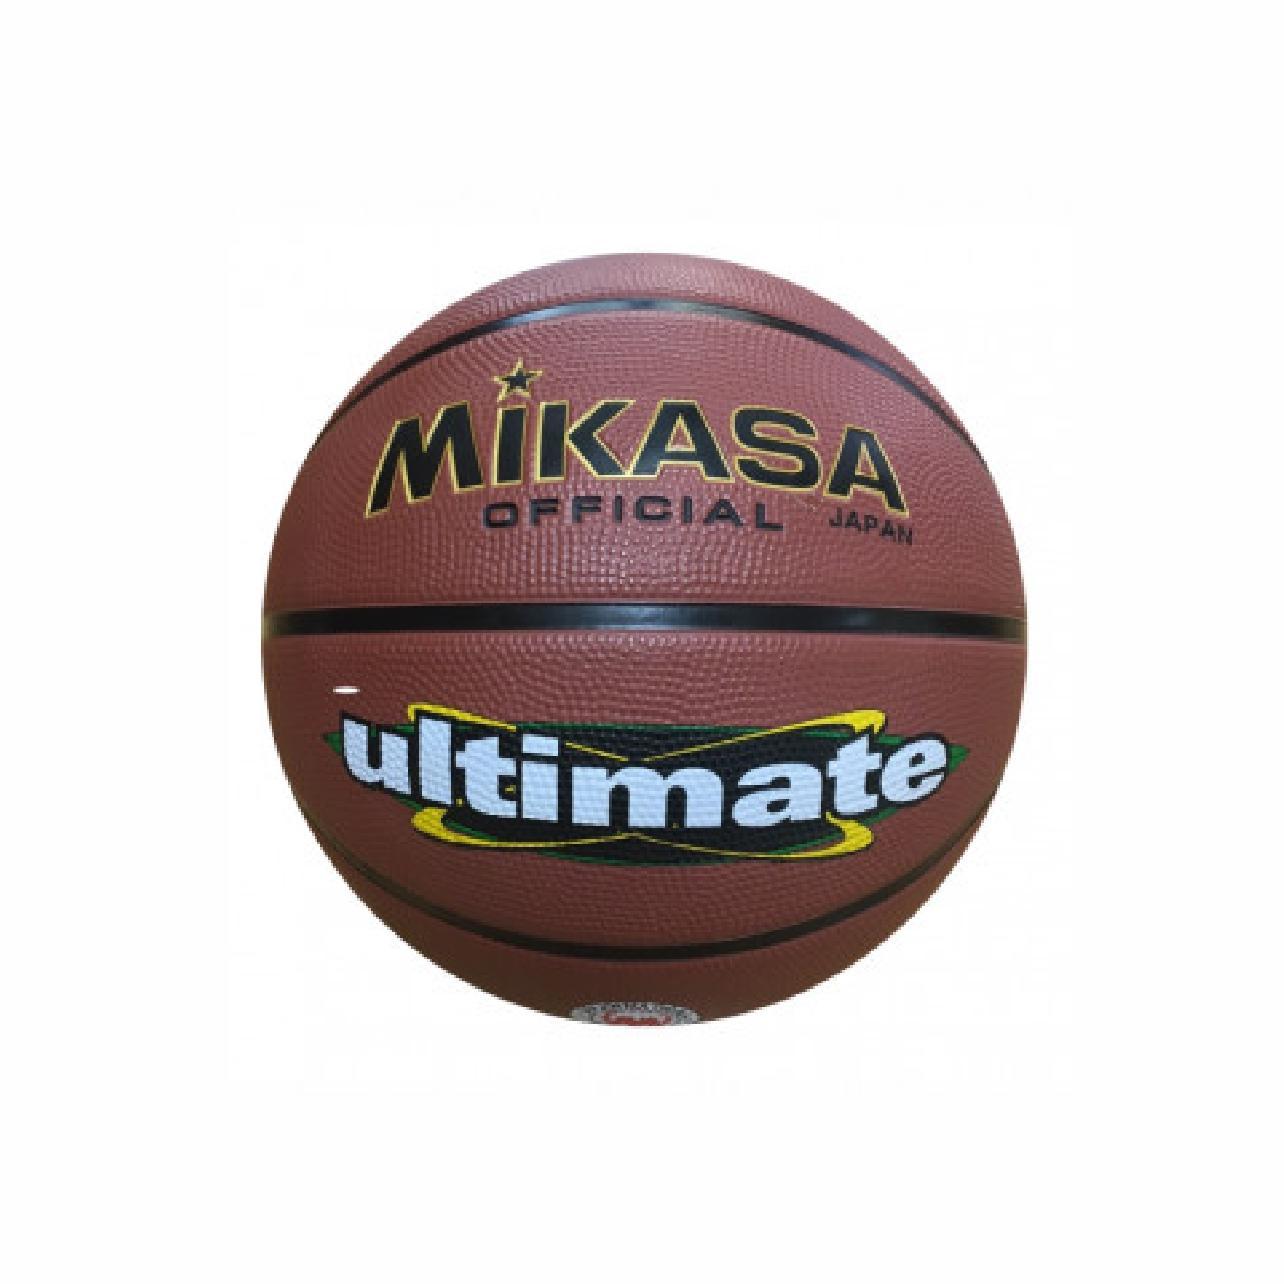 Mikasa Ultimate Match Basketball